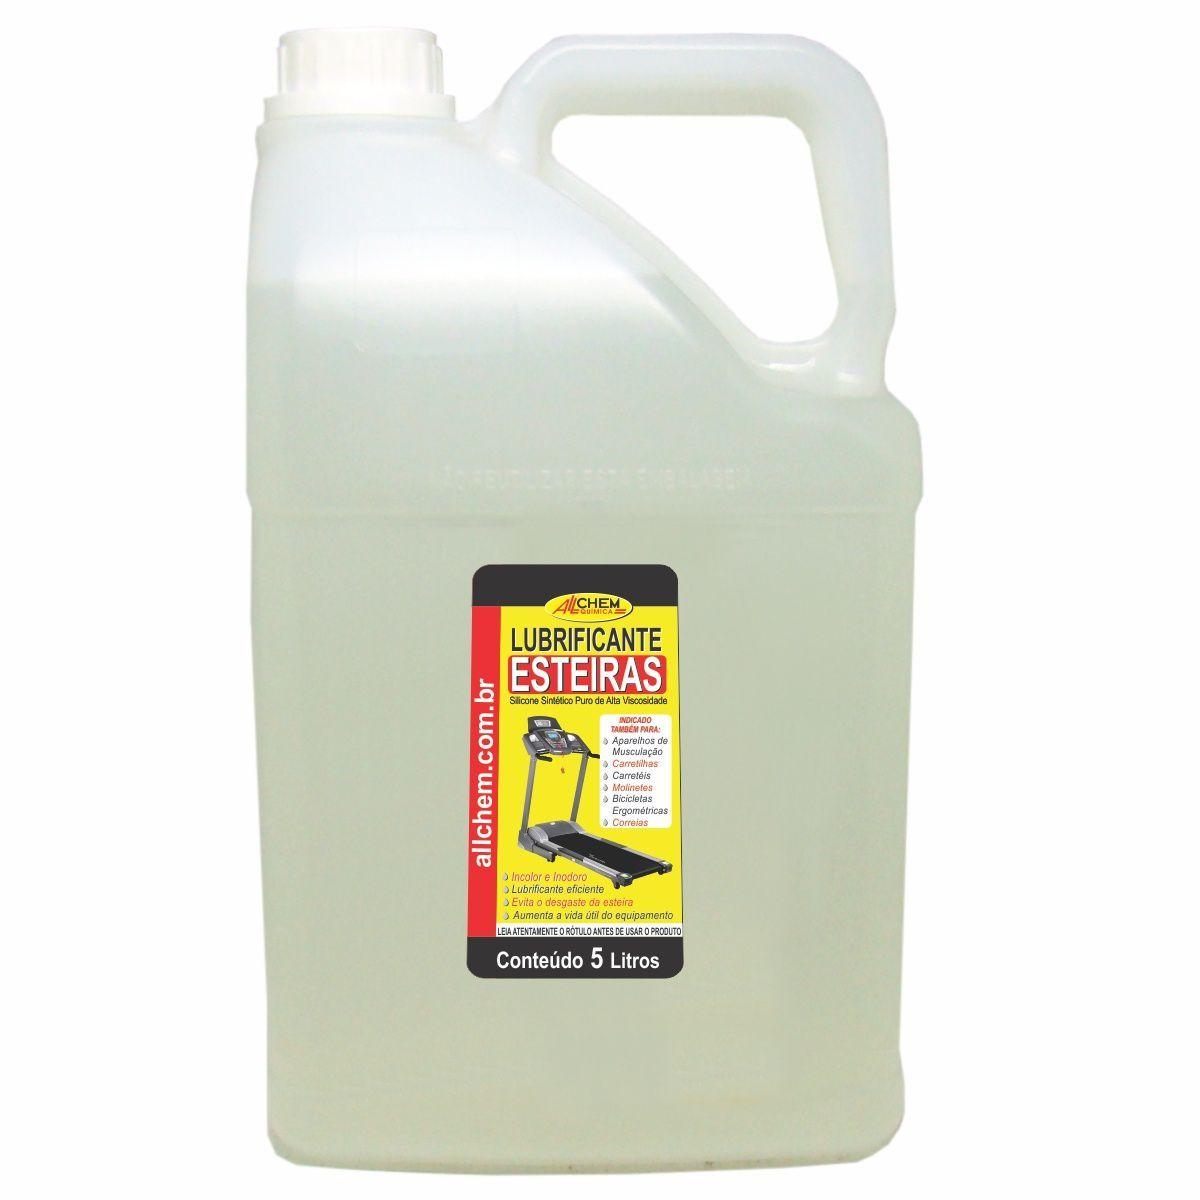 lubrificante-esteira-allchem